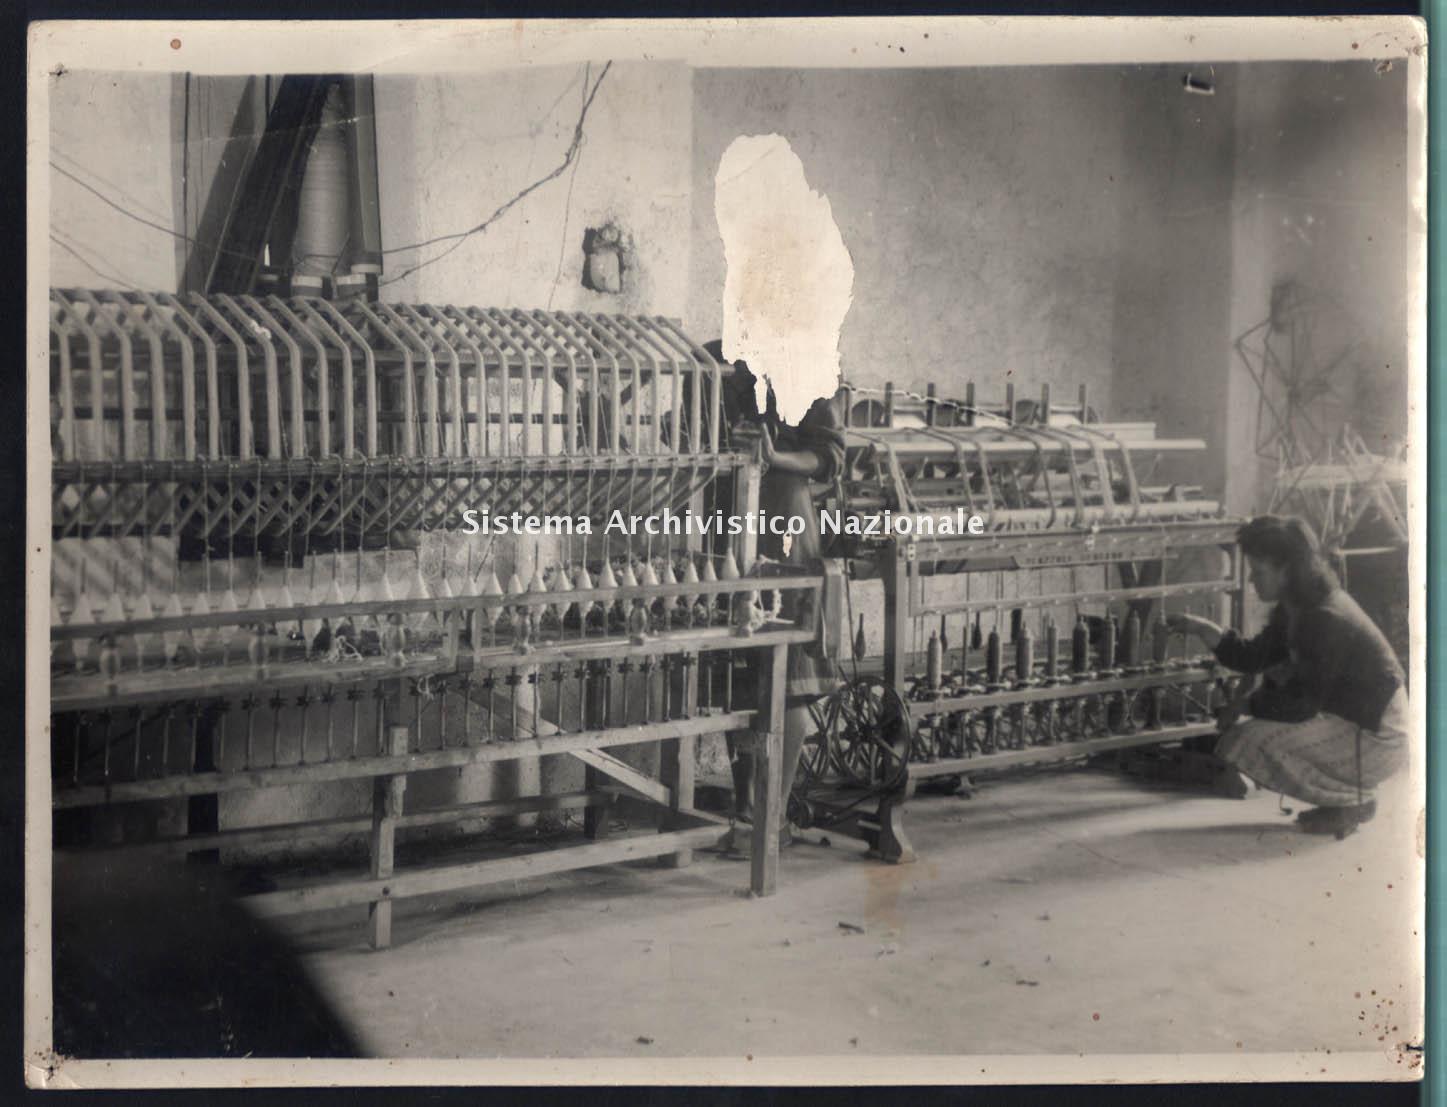 Lanificio Leo sas, reparto filatura, Soveria Mannelli 1950